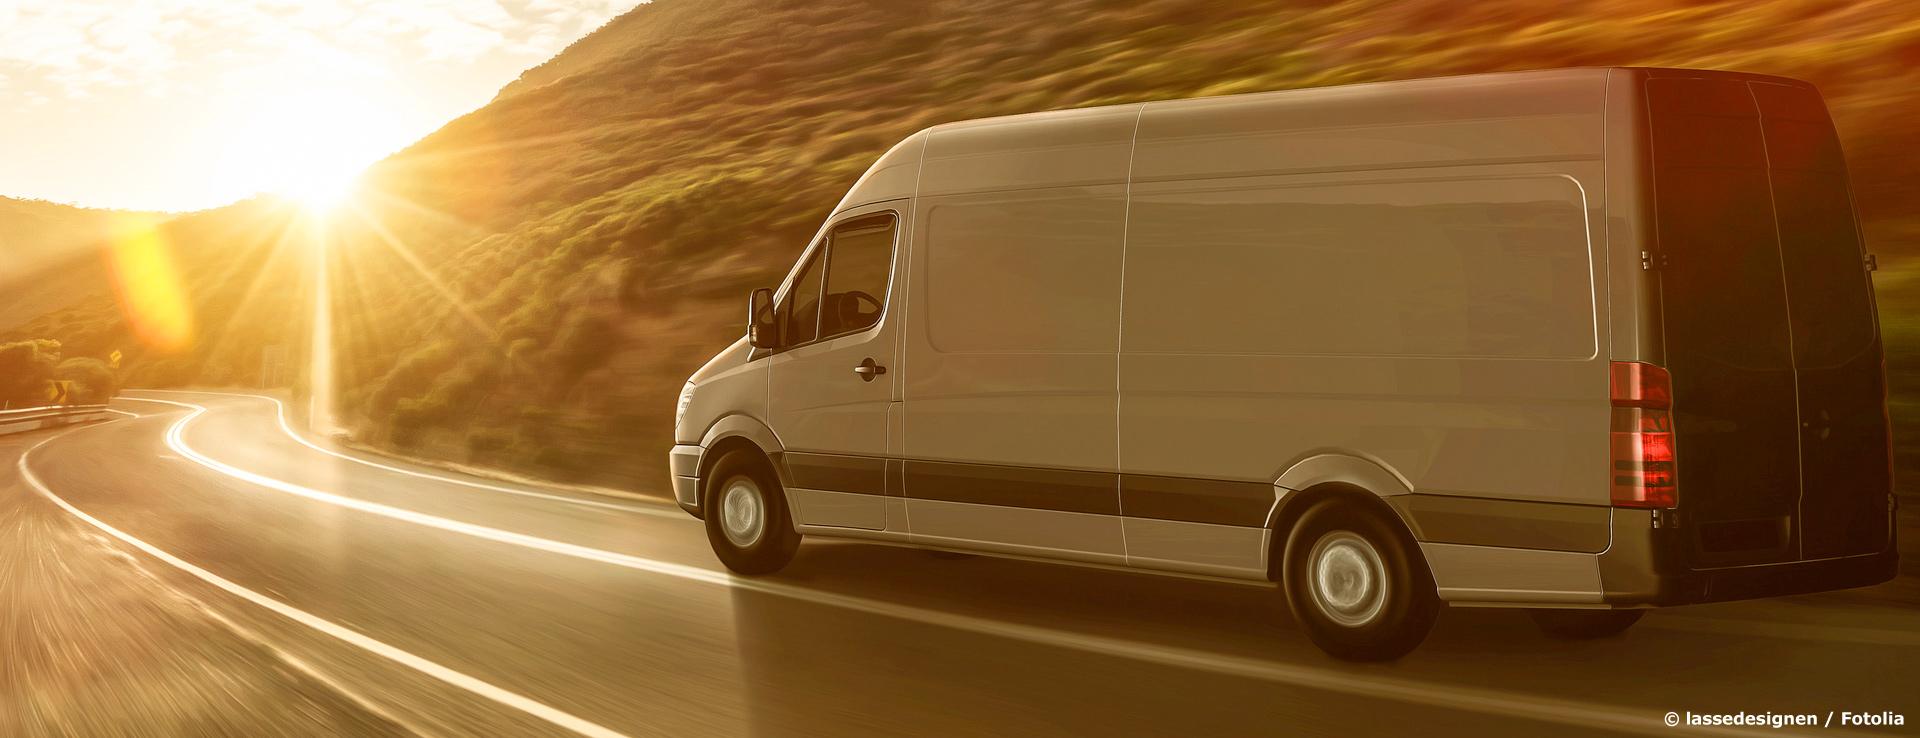 Langer Transport Service - Unser Angebot